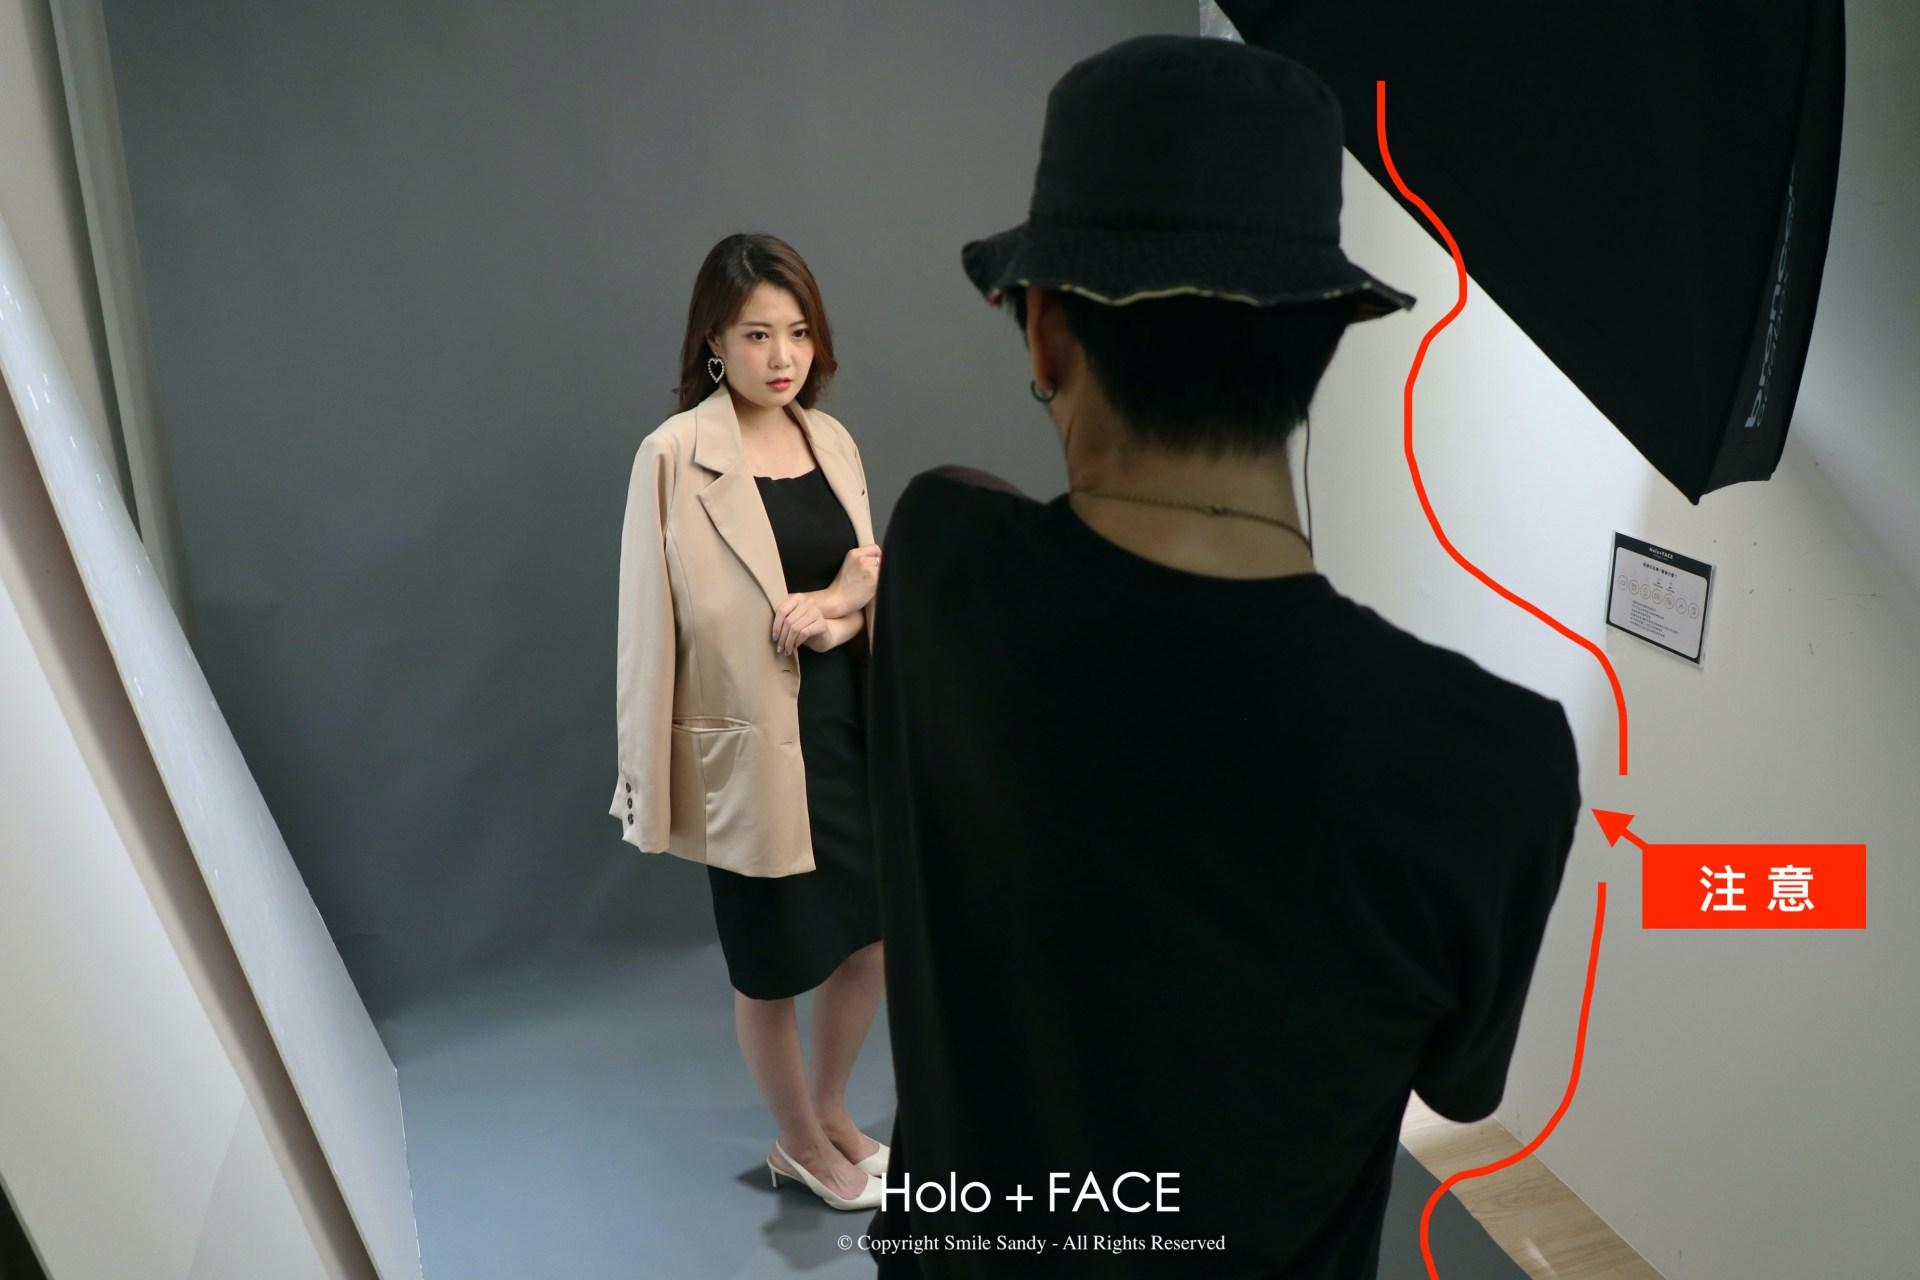 專業形象照推薦Holo+face照相館